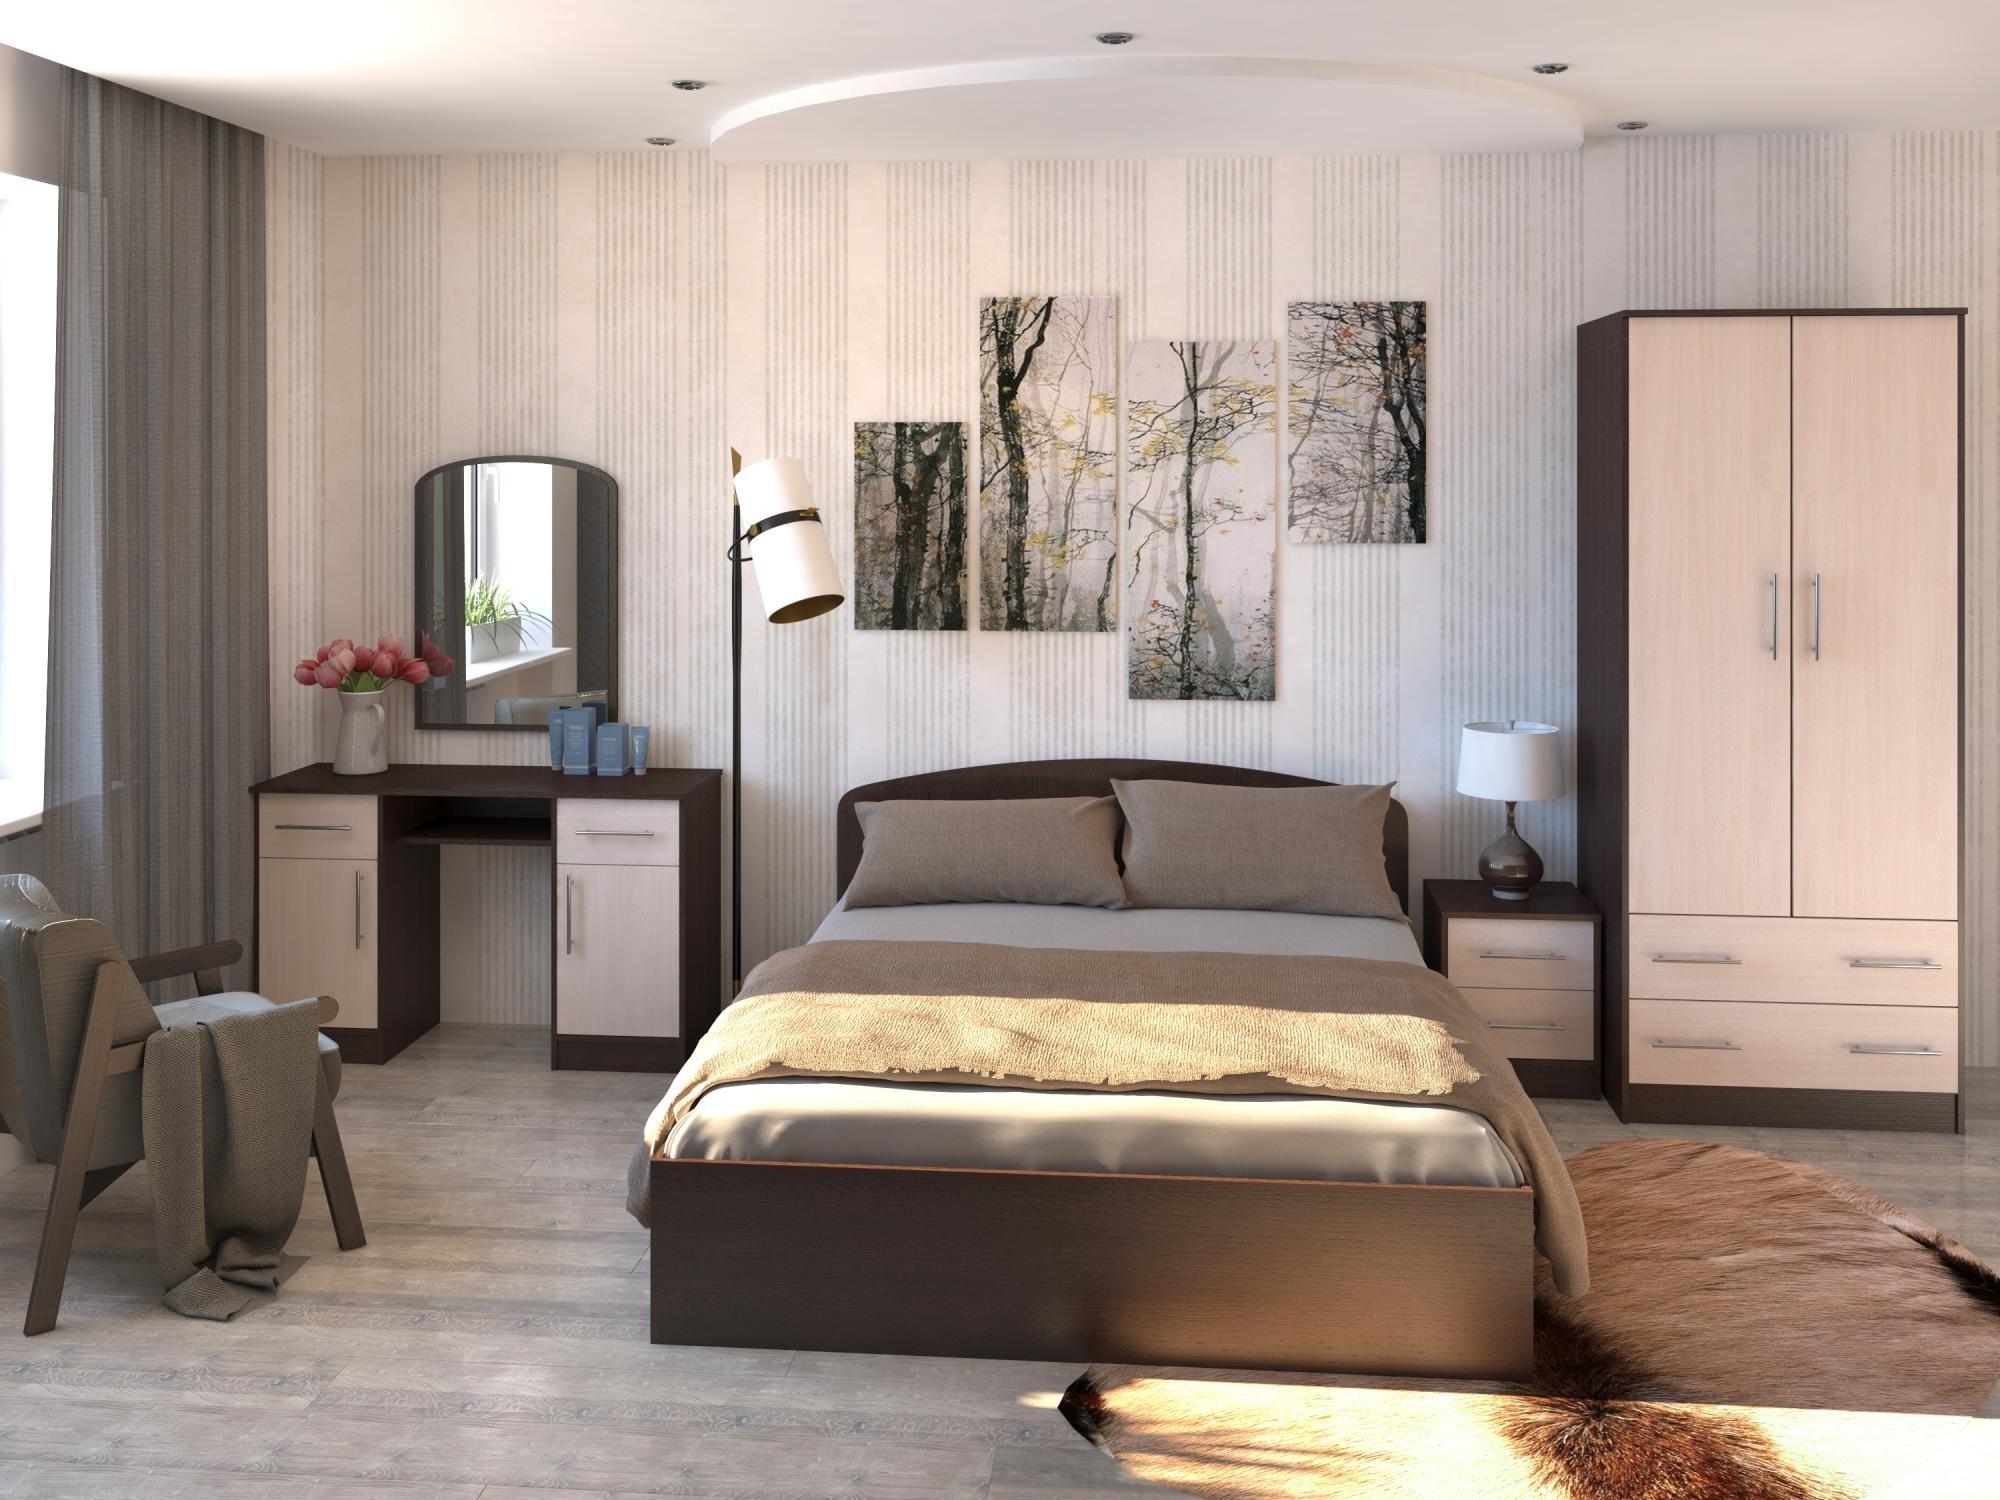 Картинка мебели для спальни